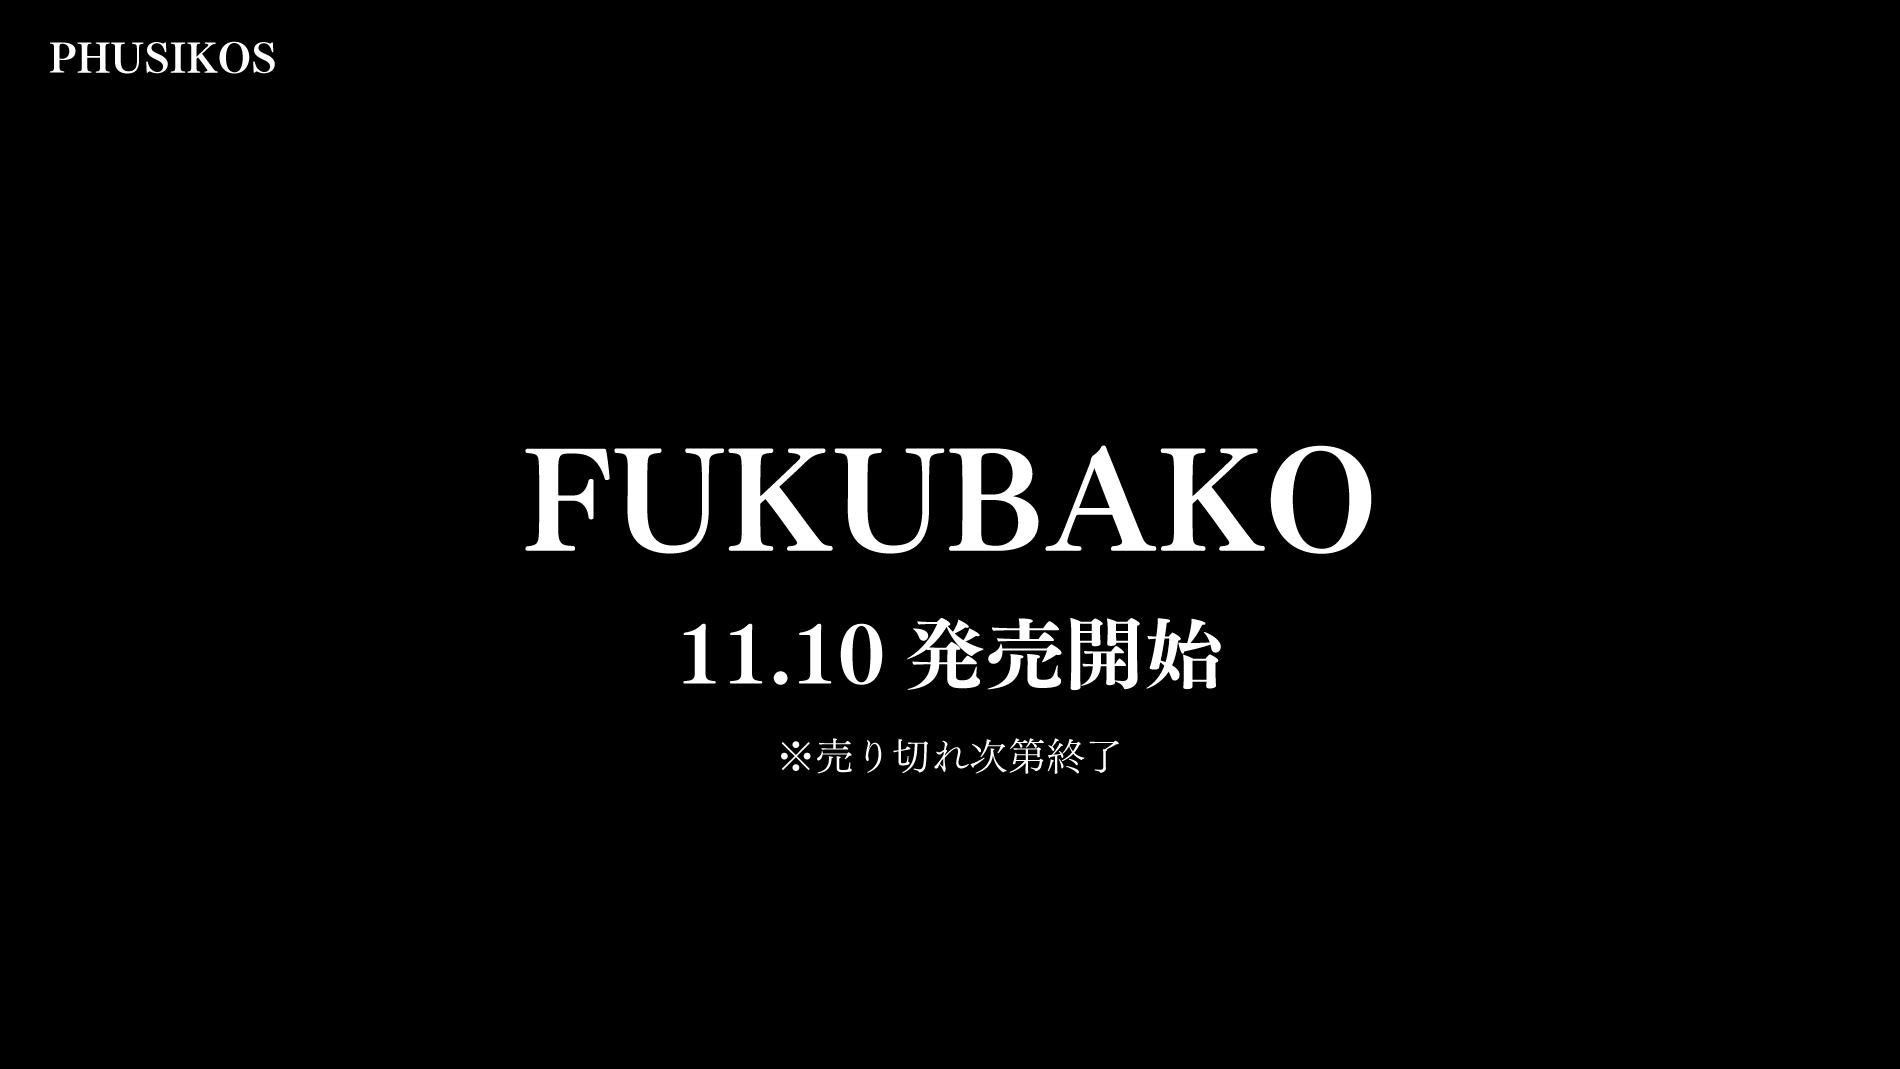 FUKUBAKO(福箱)発売開始